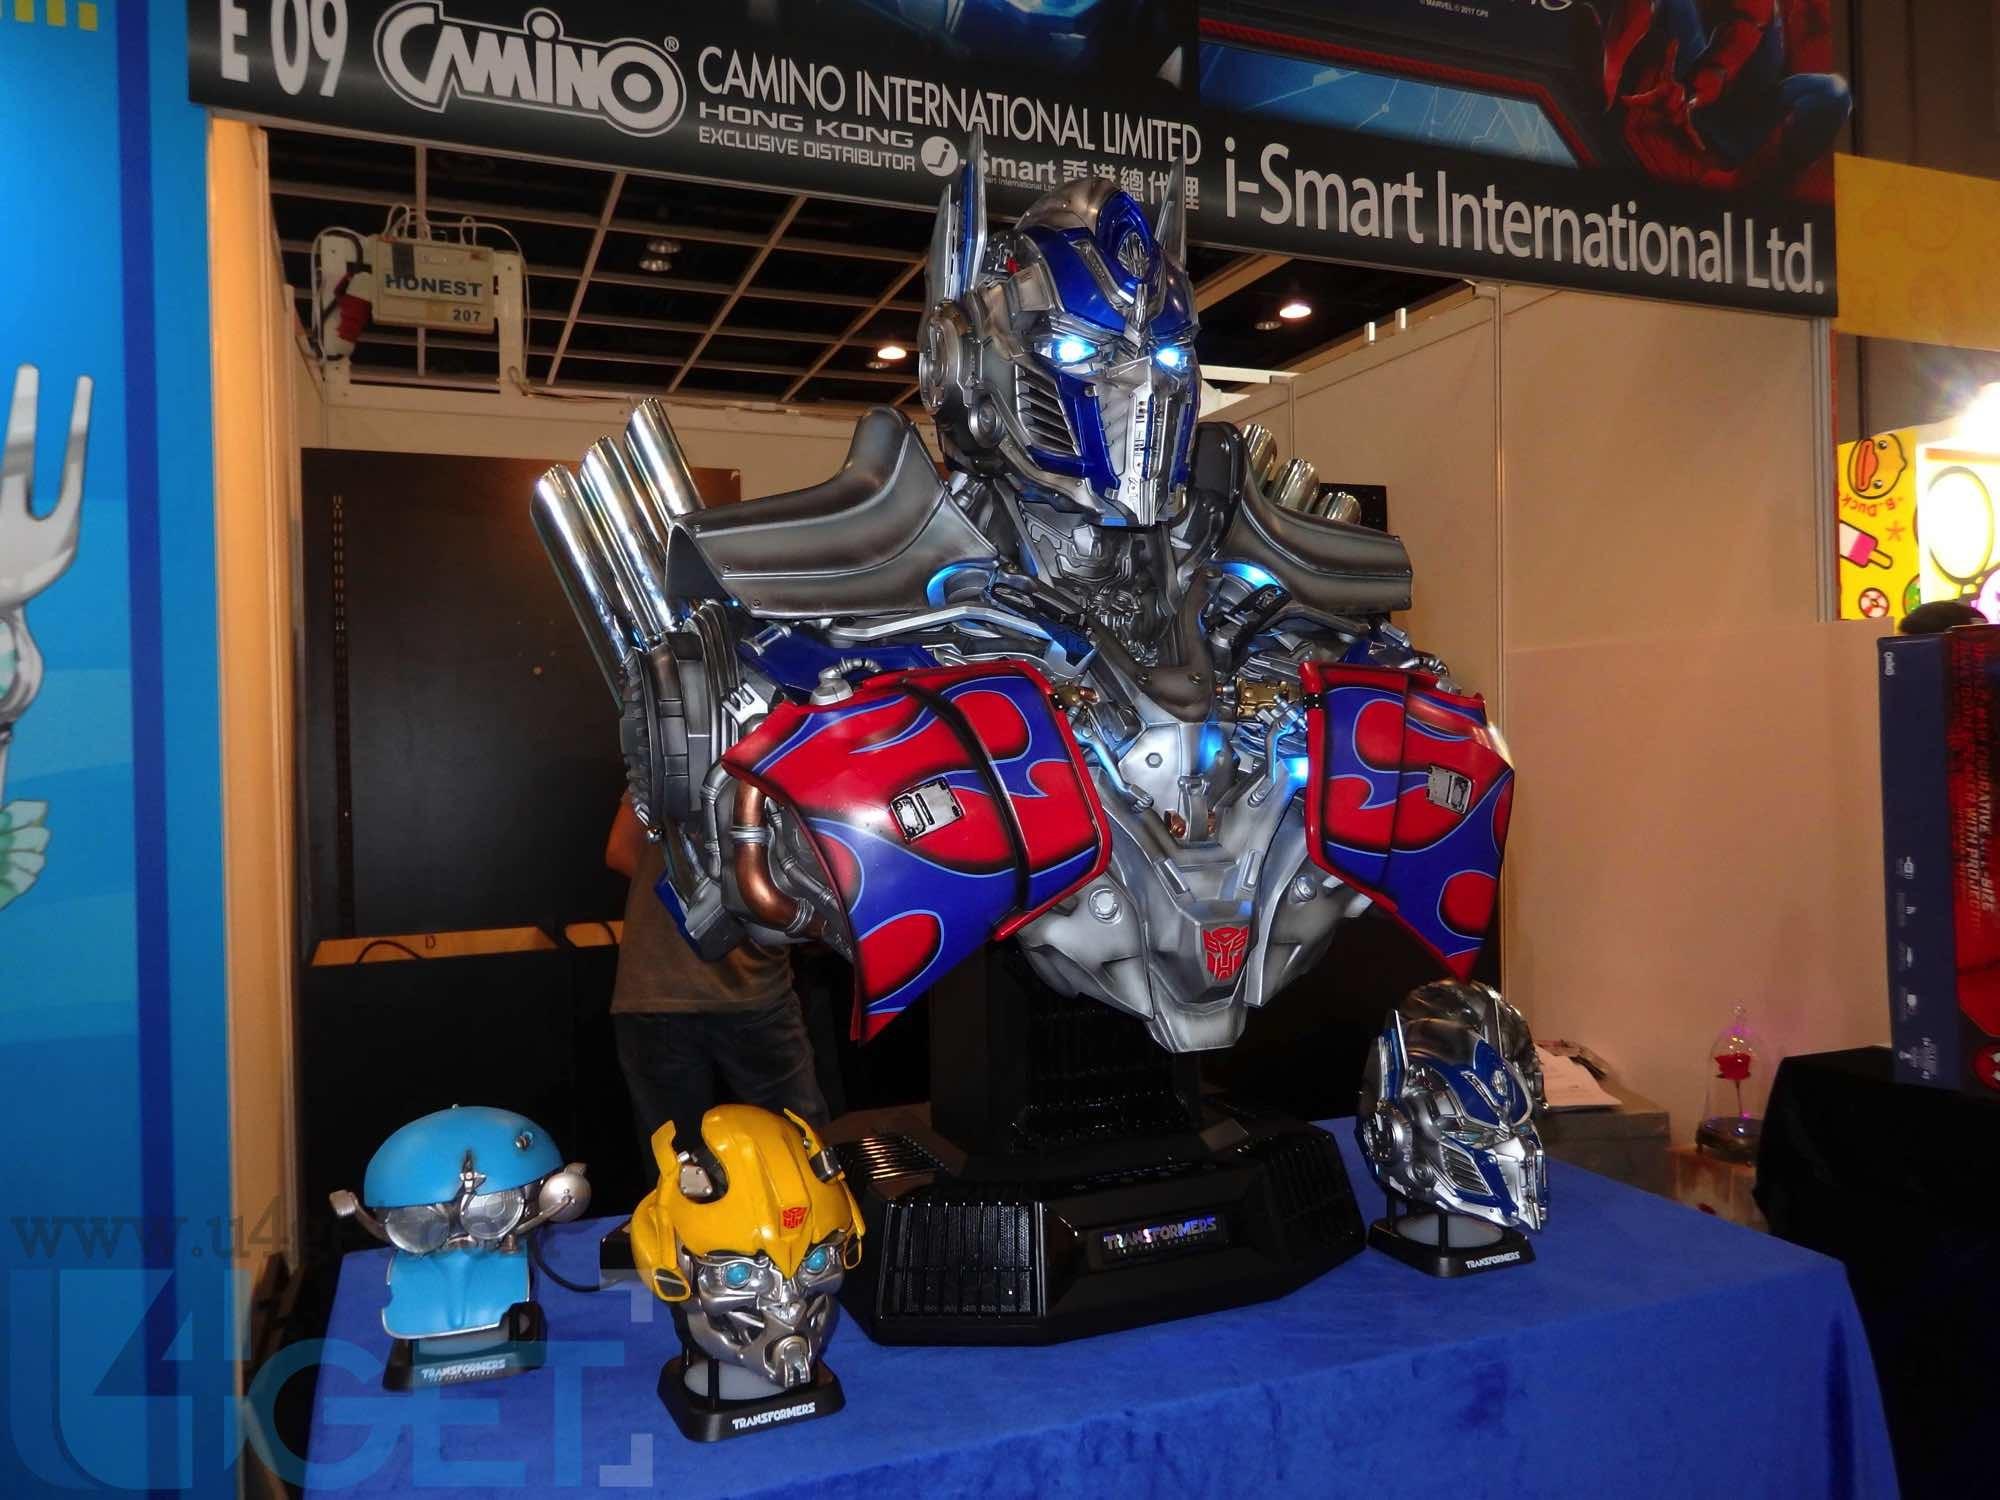 〔 動漫節 2017 〕Camino 全球最大半胸《 Transformers : The Last Knight 》柯柏文喇叭玩身